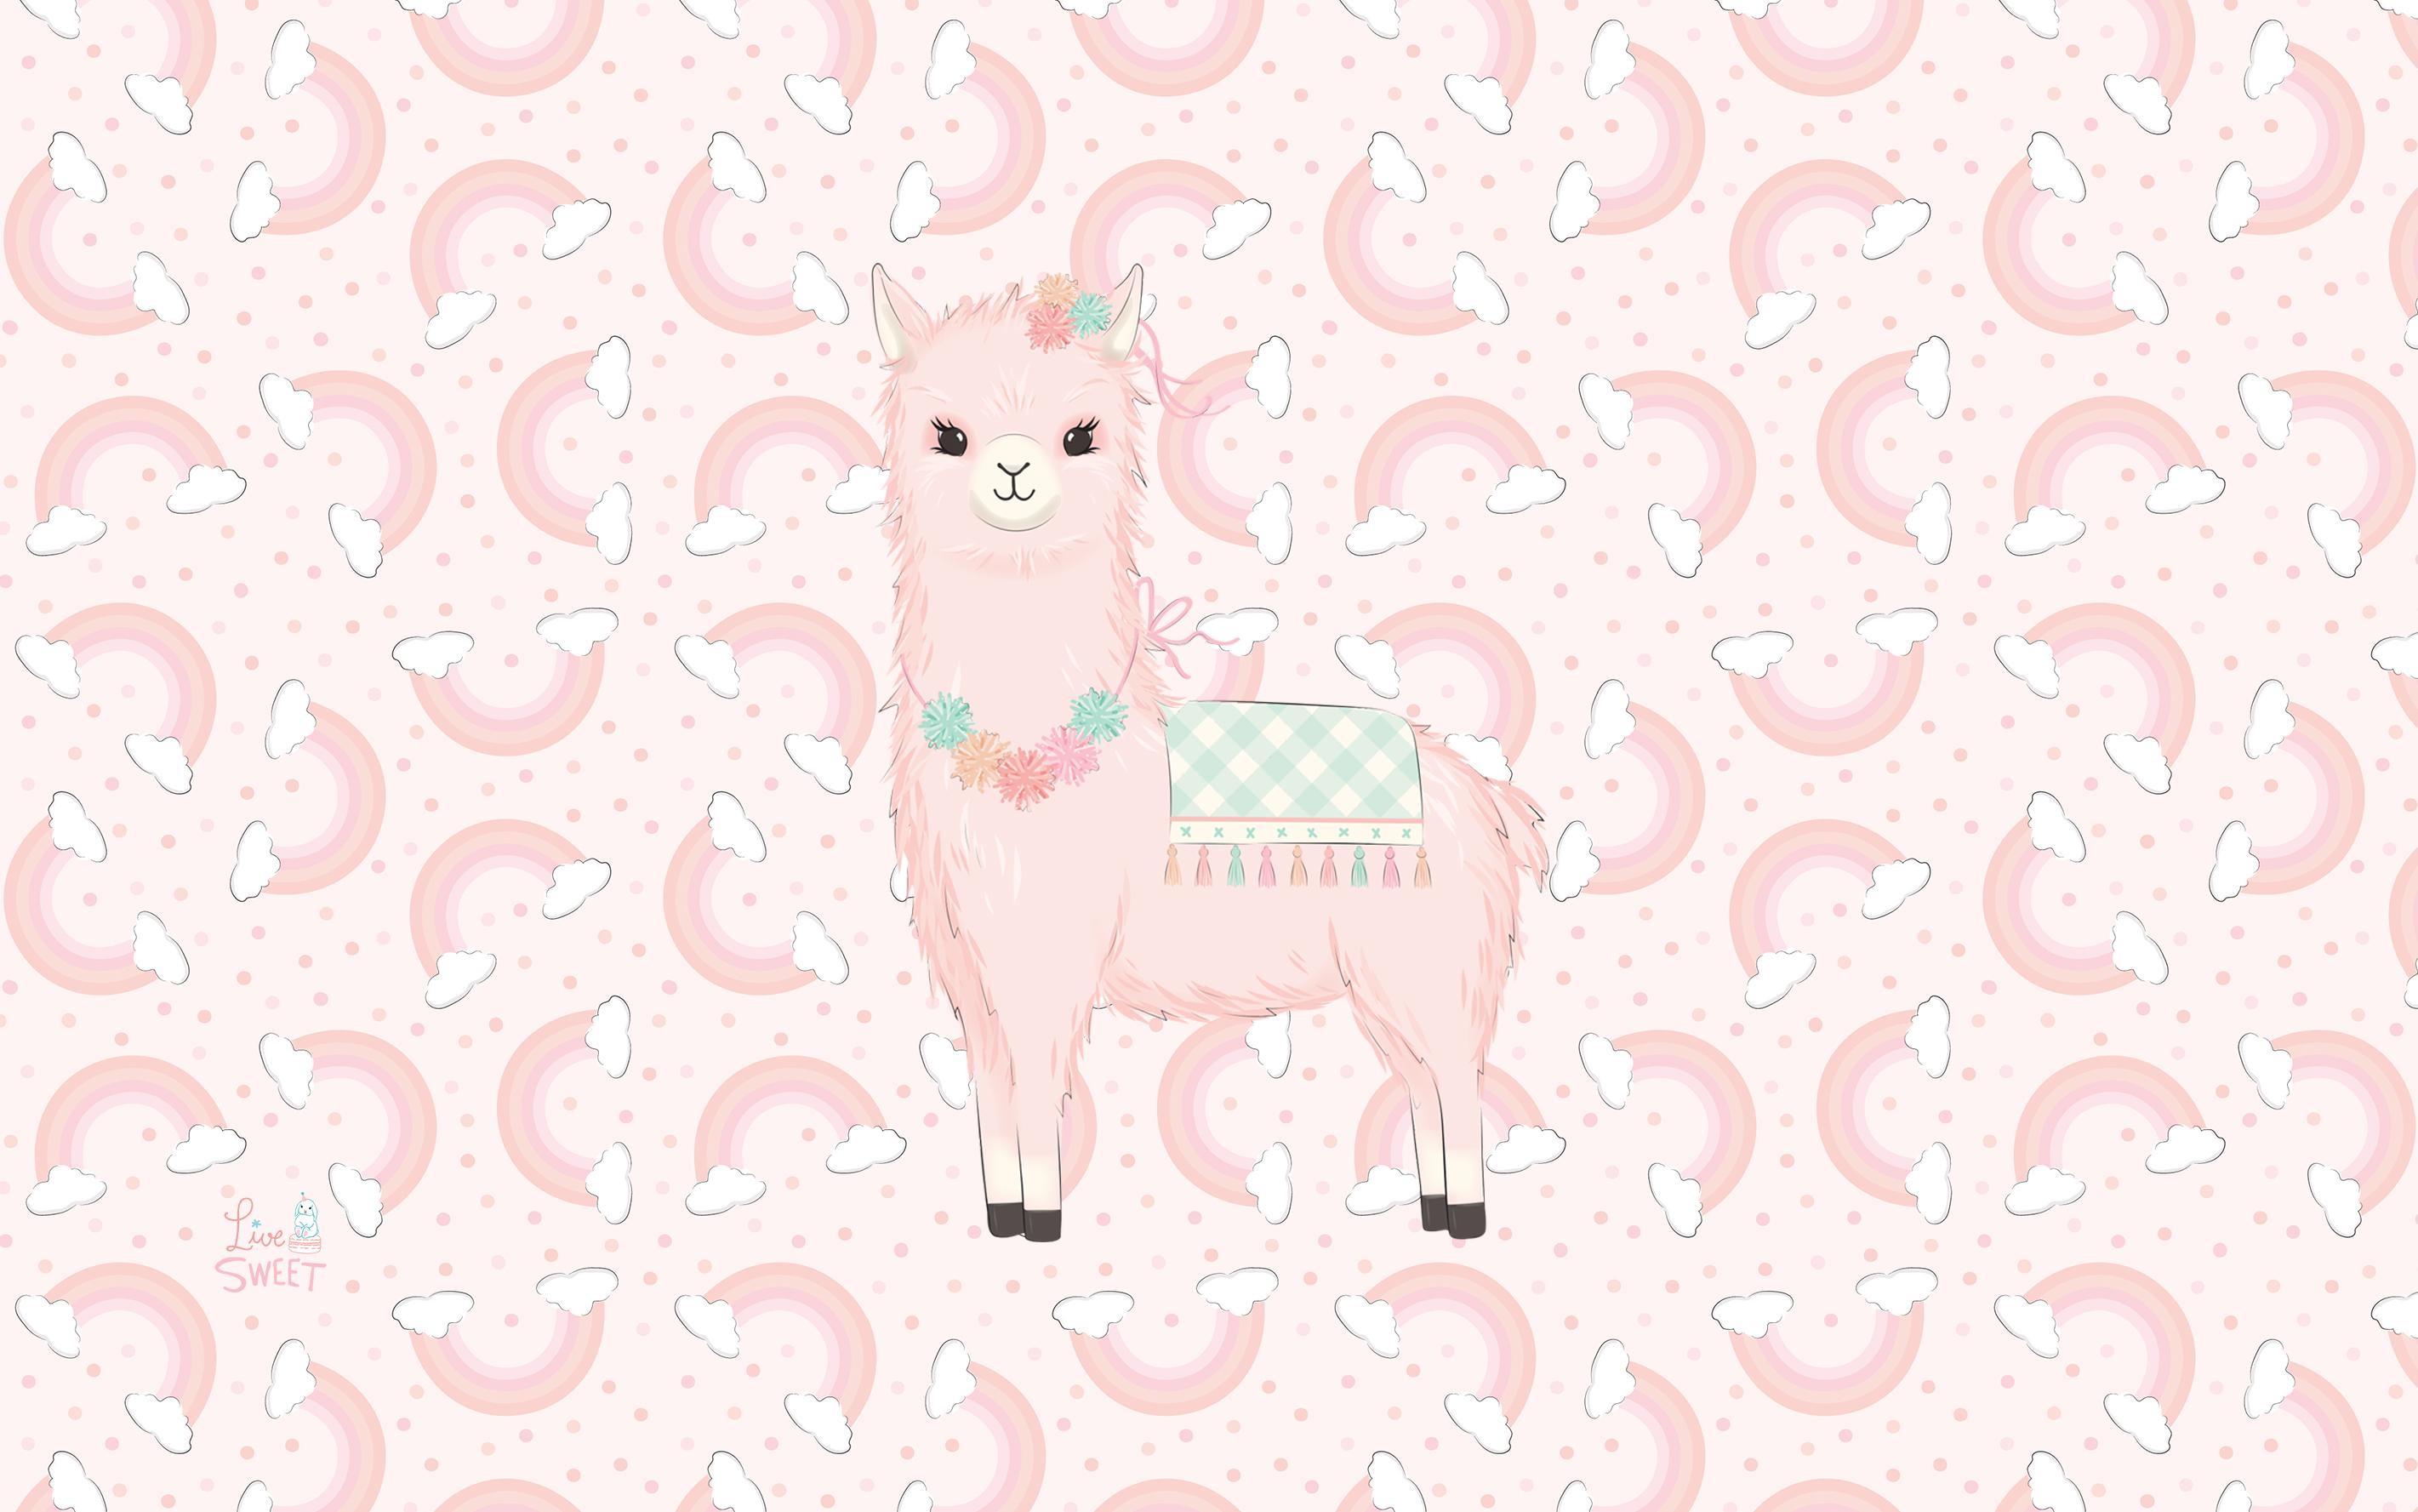 llama fabric wallpaper gift wrap